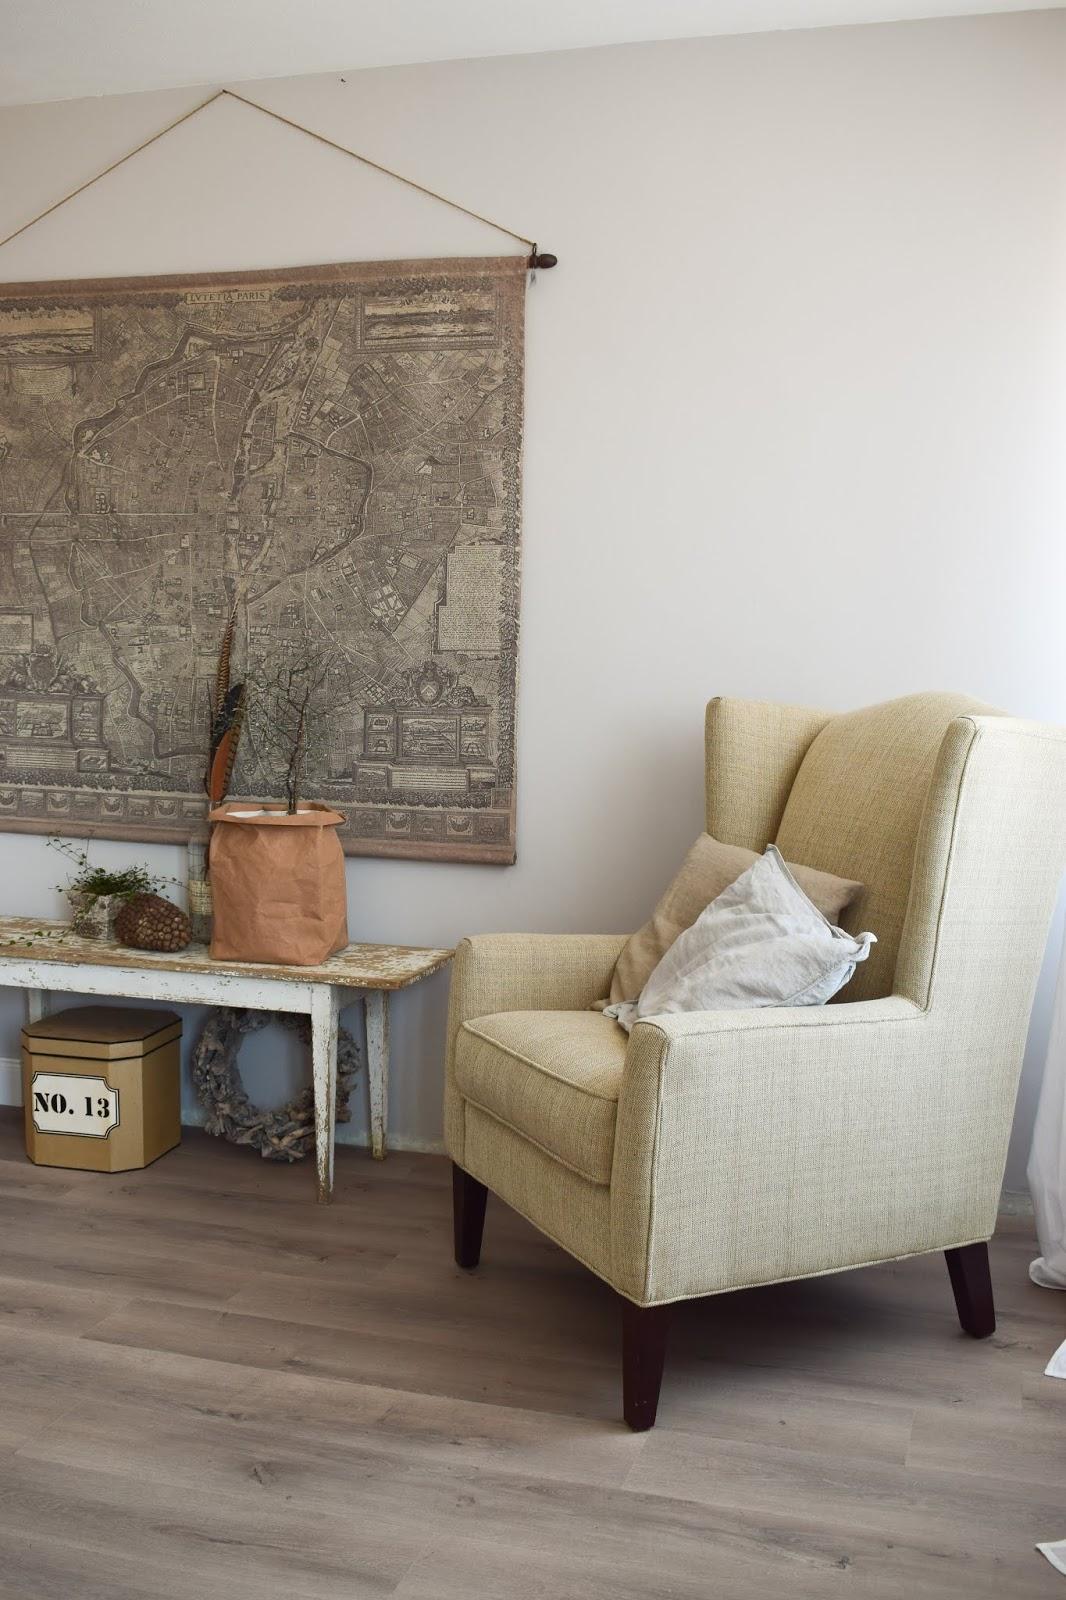 Dekoidee Wandgestaltung Übertopf aus Papier von WENKO natürliche Deko im Landhausstil Deko Dekoration gemütlich Sessel wohlfühlen im Schlafzimmer